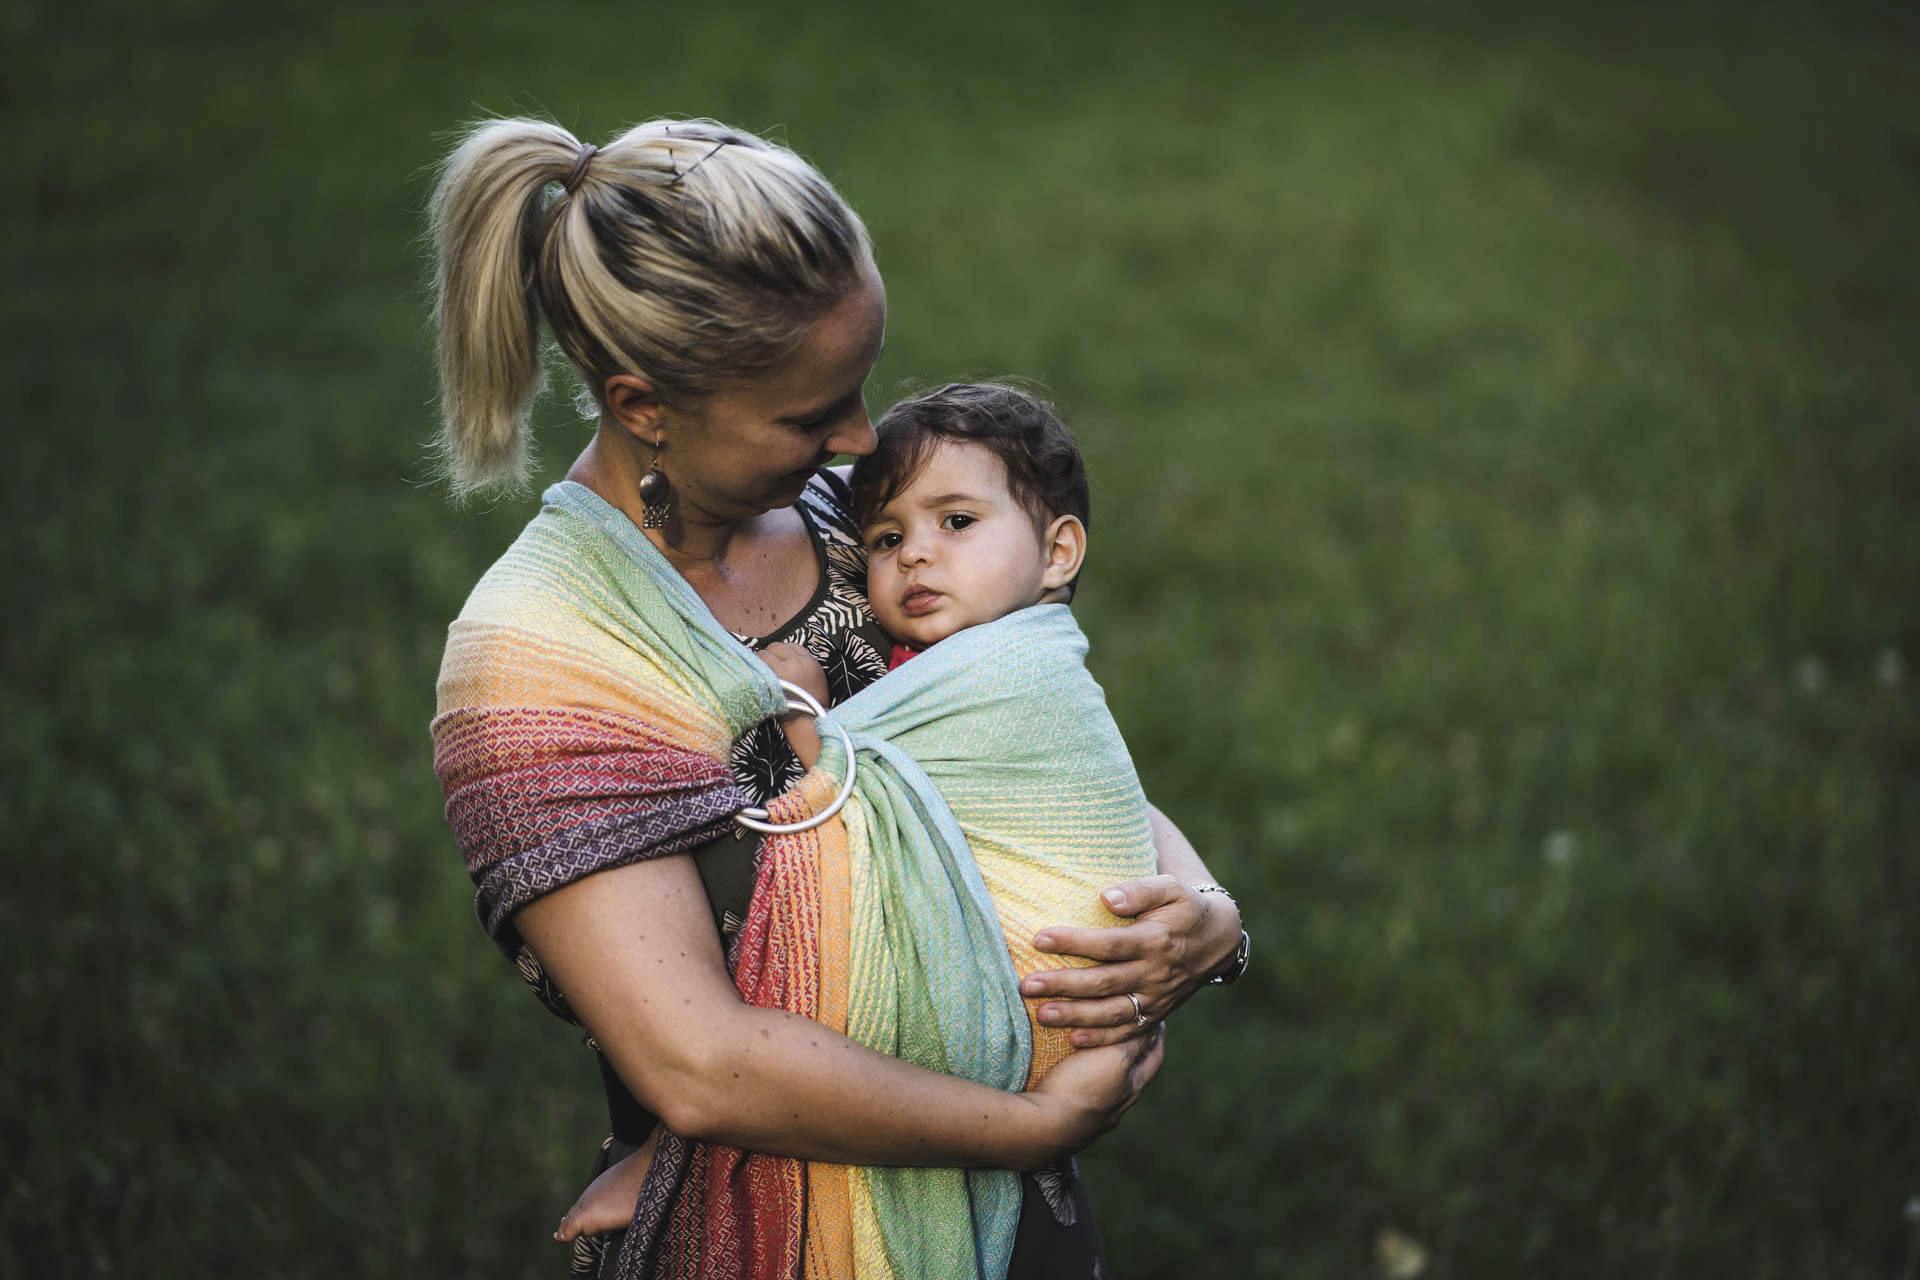 Servizio Fotografico Bambini e Famiglia a Venezia, Veneto. Ecco la piccola Greta. Michelino Studio, fotografo professionista per neonati, bambini e famiglia in Veneto. 001